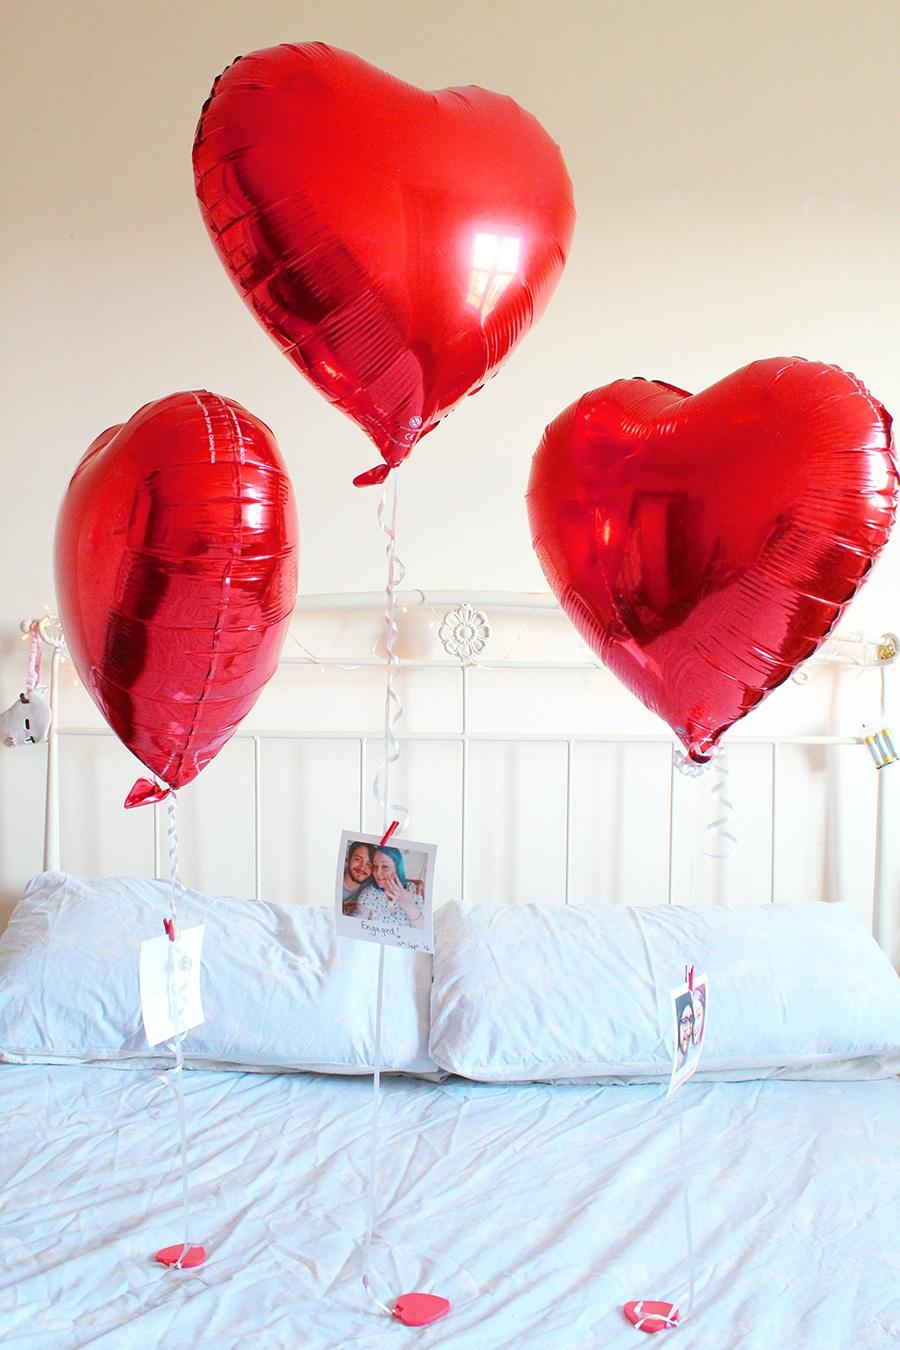 DIY Valentines balloons - Valentine's Day Gift Ideas